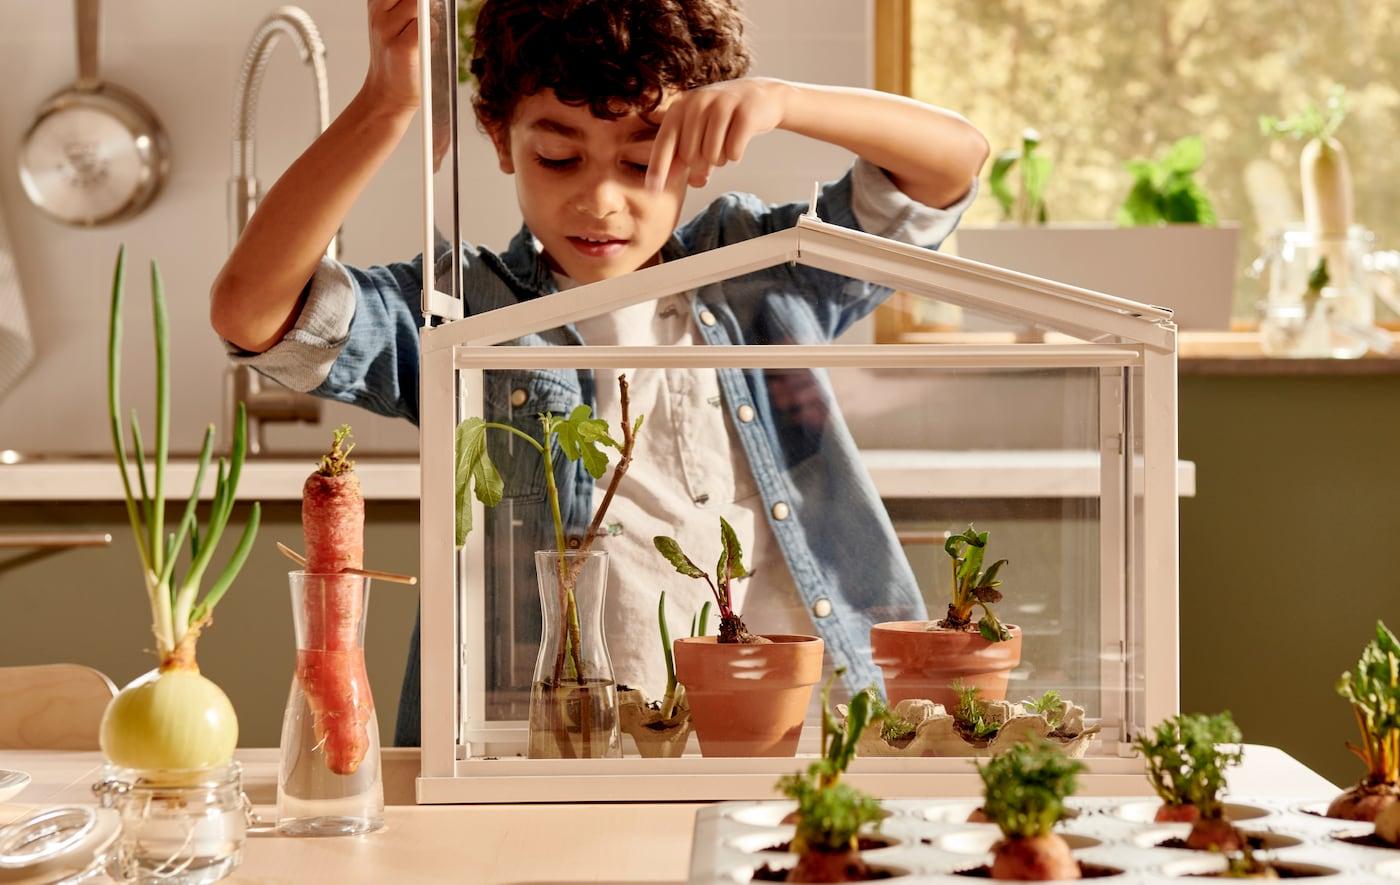 Un petit garçon regardant attentivement de jeunes plantes du haut d'une serre SOCKER. Plusieurs légumes dans de l'eau ou de la terre à côté sur la table.